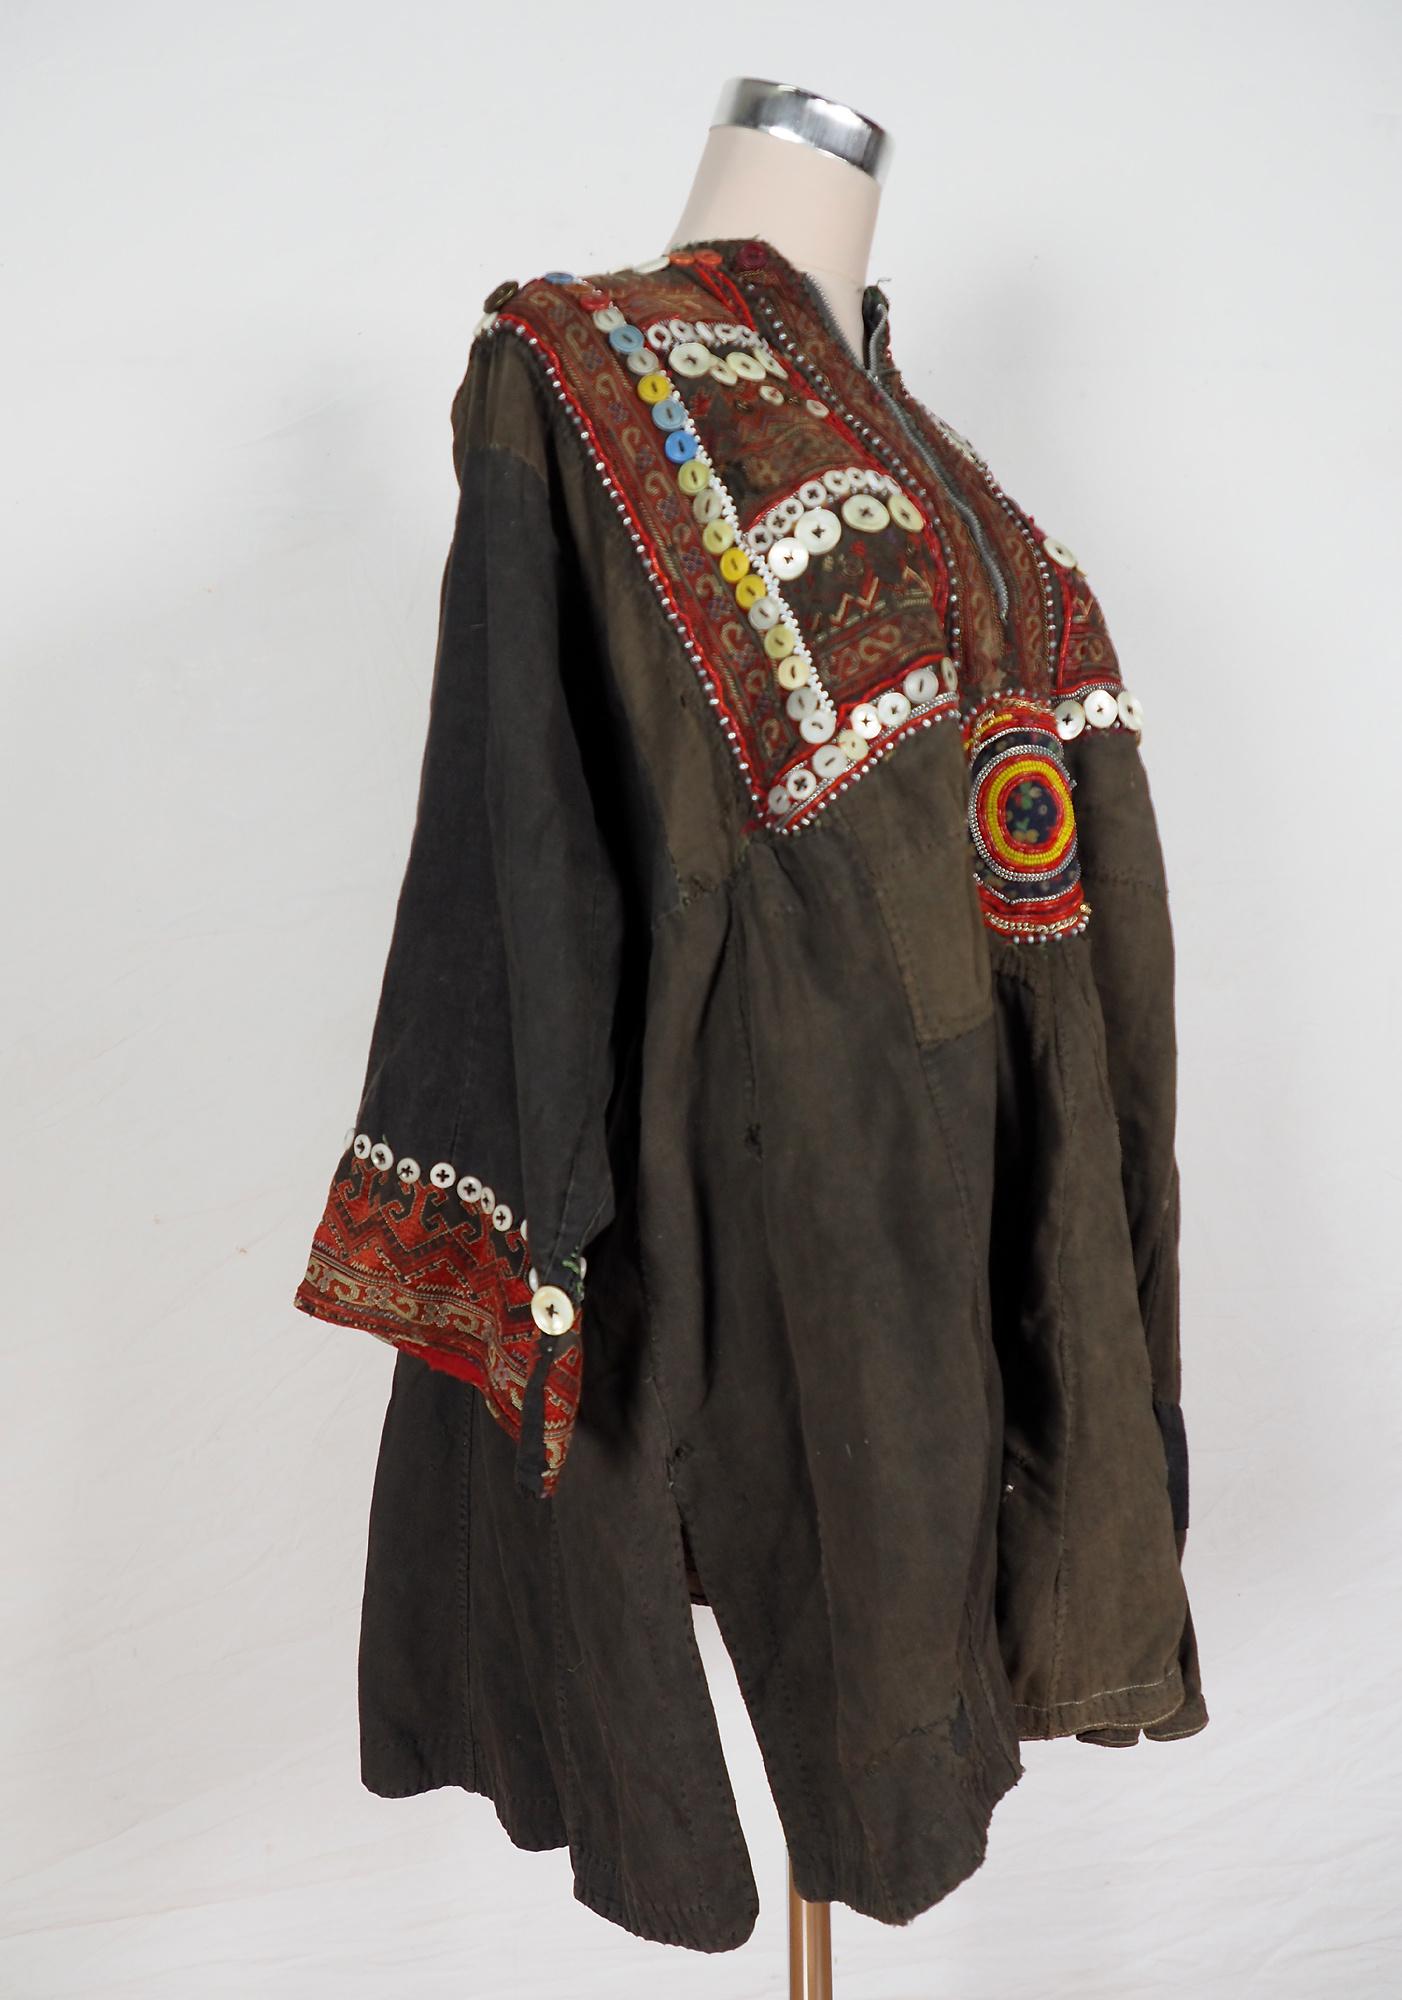 antik und sehr seltener Kinder Mädchen Kleid aus Afghanistan Nuristan kohistan Jumlo Nr-KL20/C